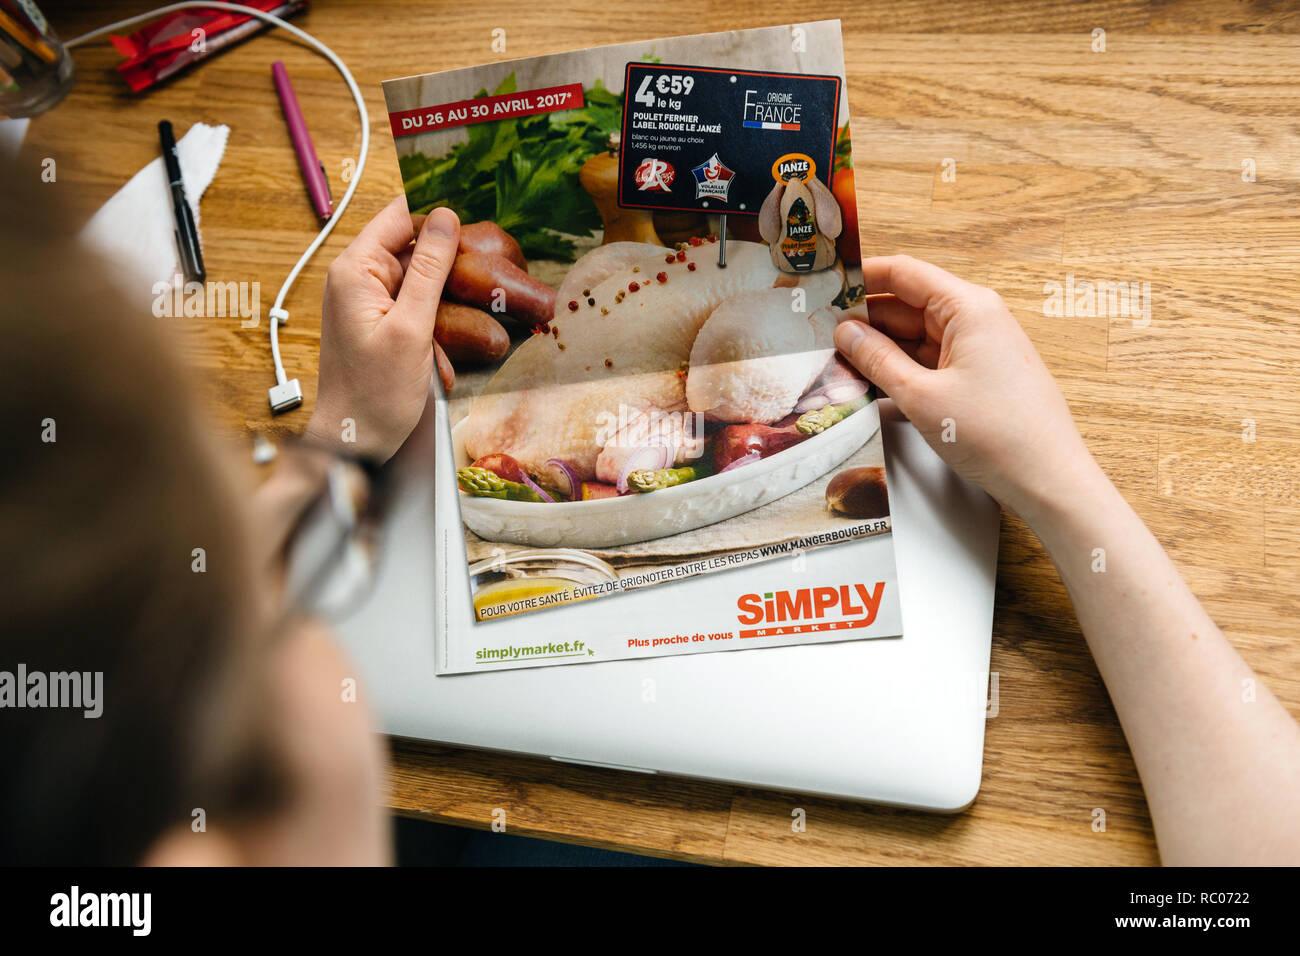 PARIS, FRANCE - Apr 26, 2017: Auchan simplement journal brochure newsletter les prix d'escompte pour l'alimentation, la viande et les boissons Photo Stock